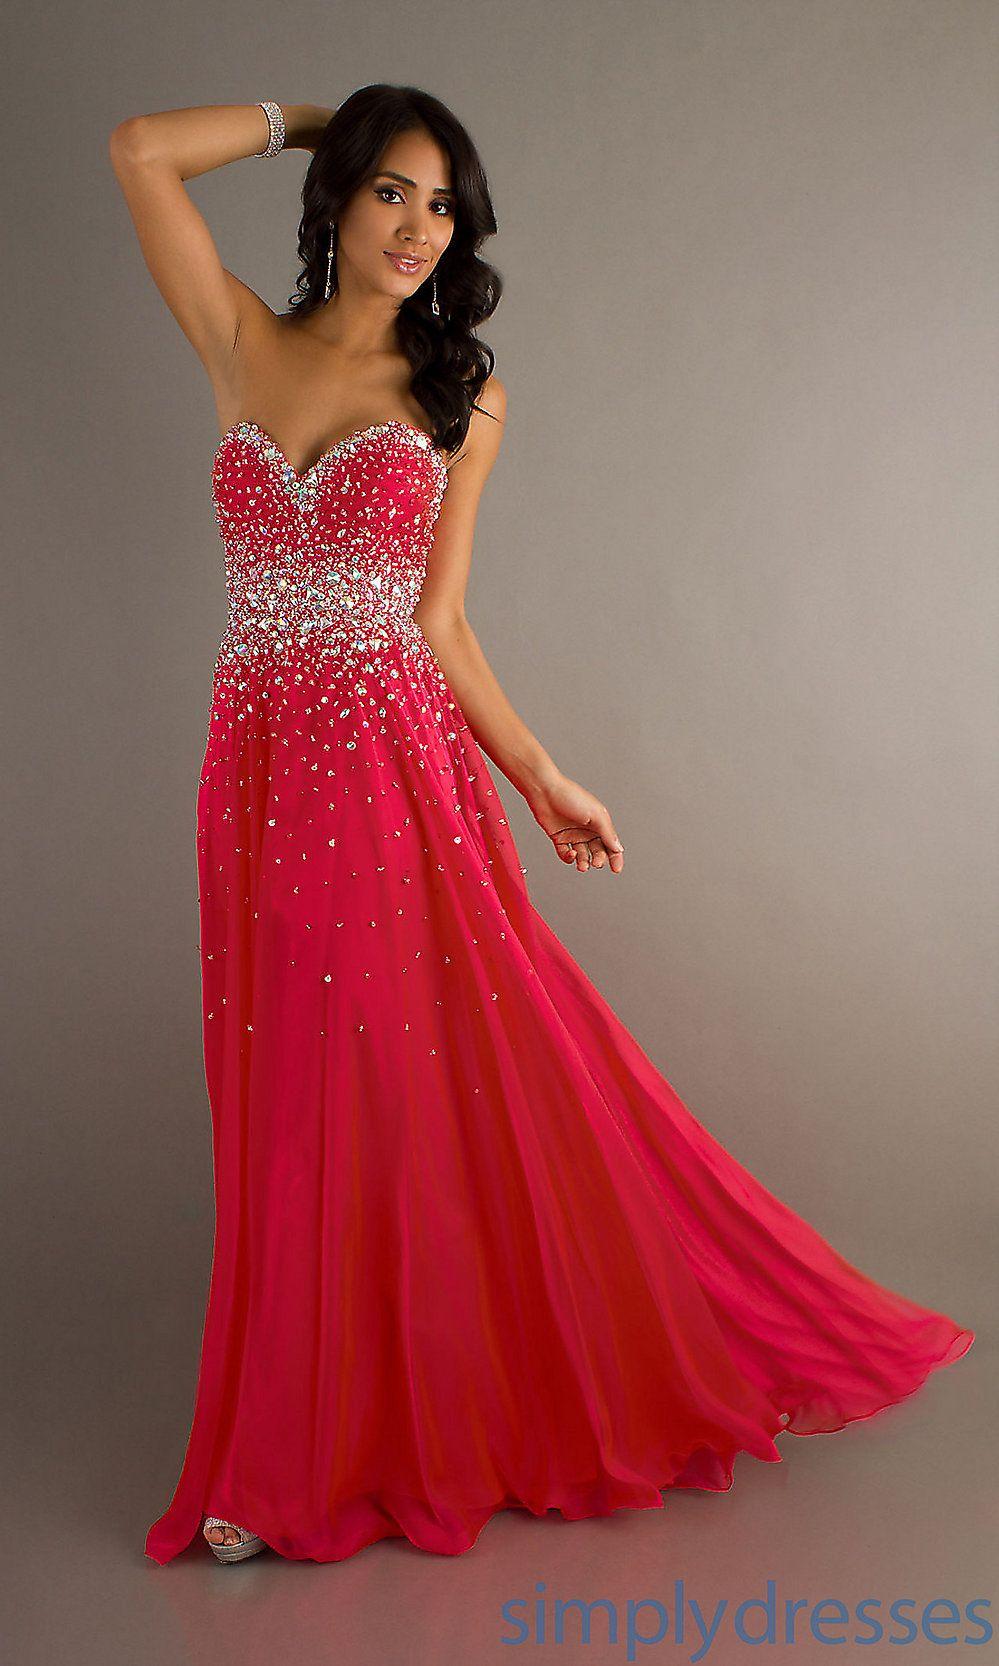 Sparkles praaaaaam pinterest long formal gowns long